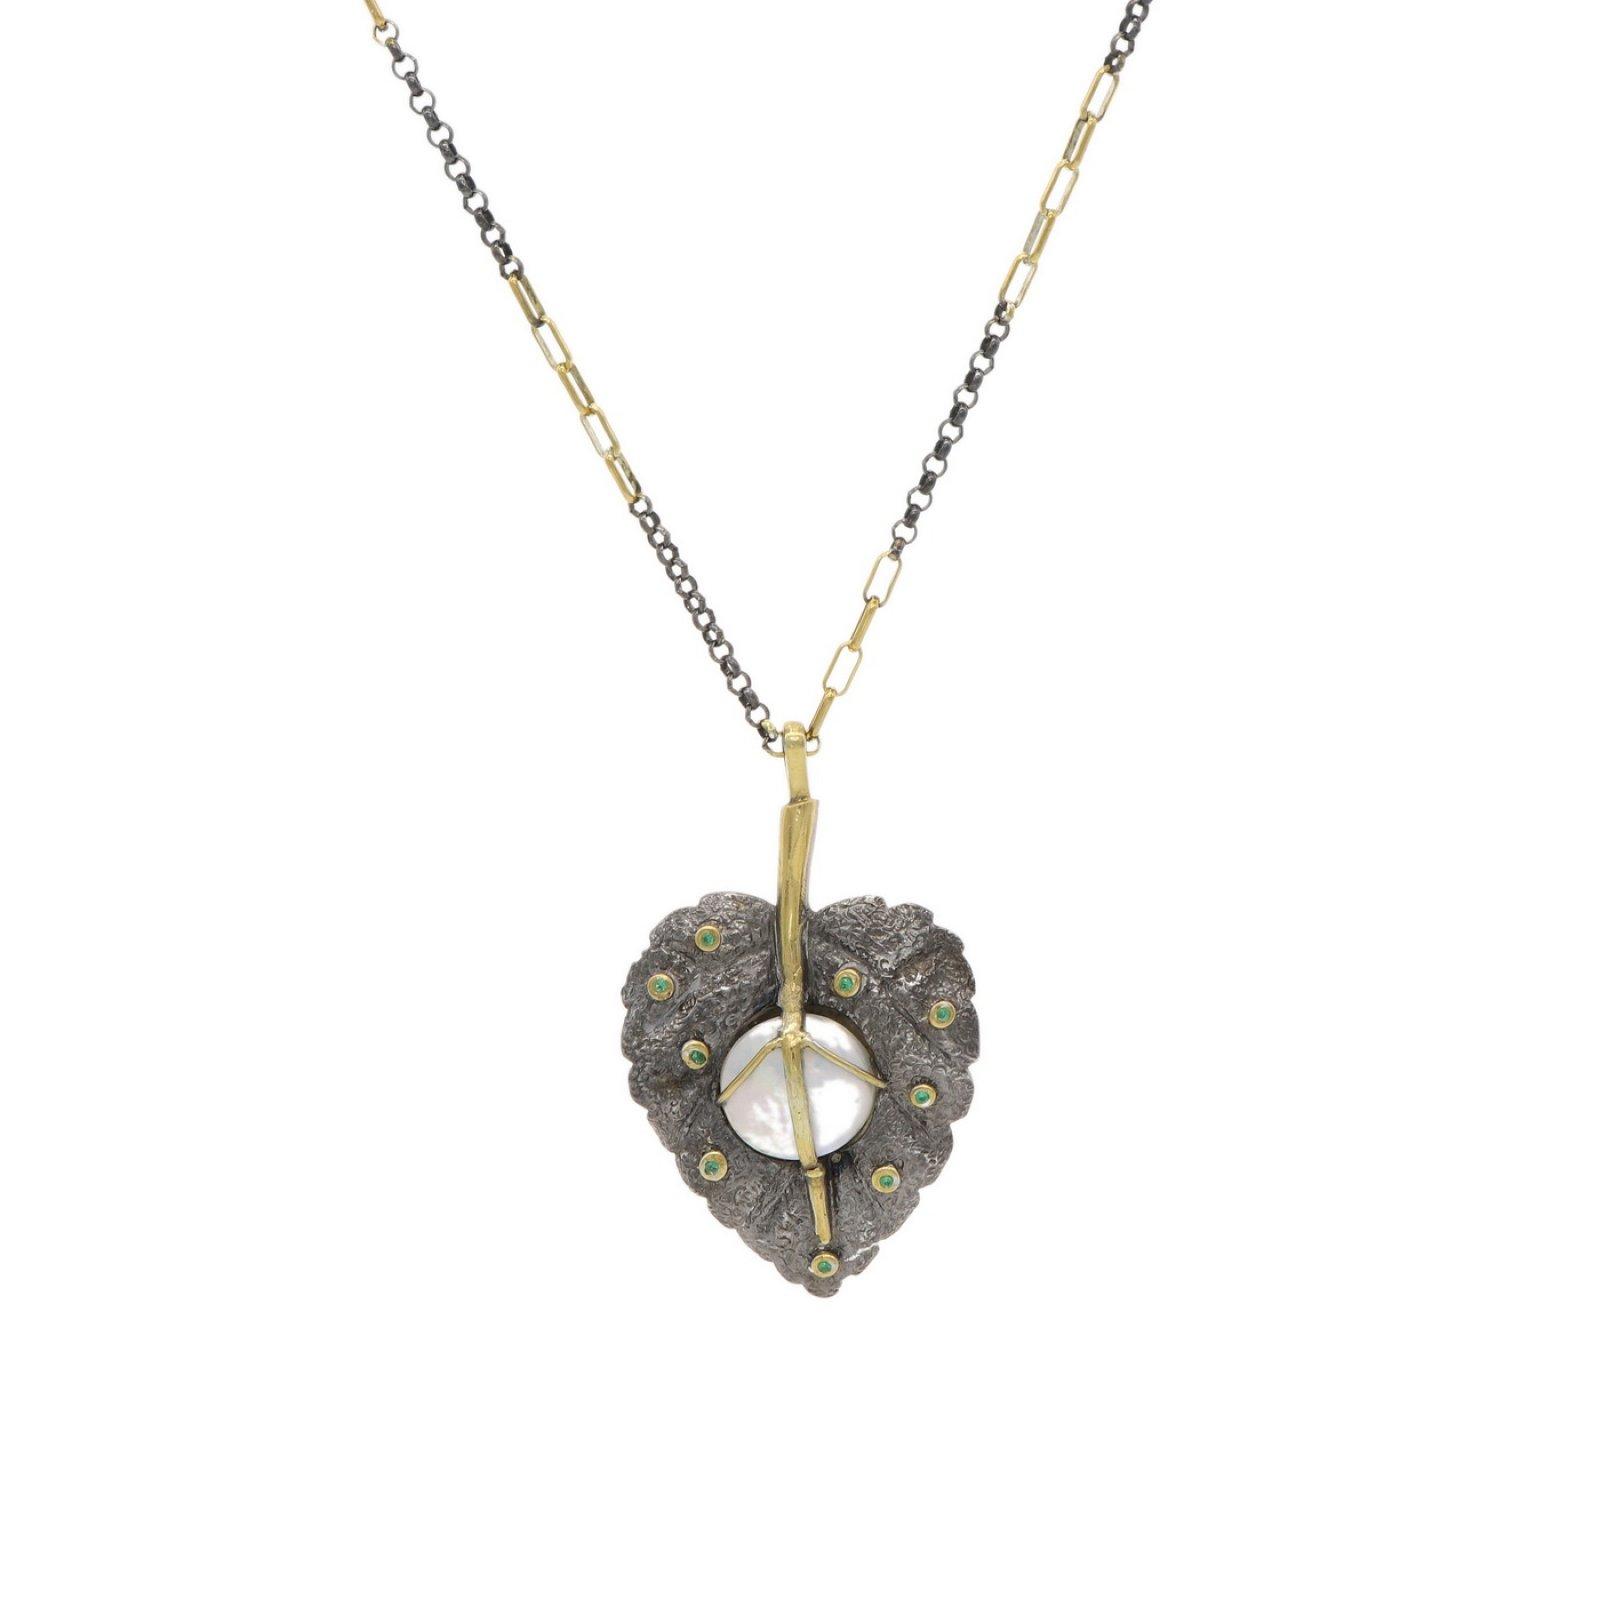 Leaf Design Handmade Necklace